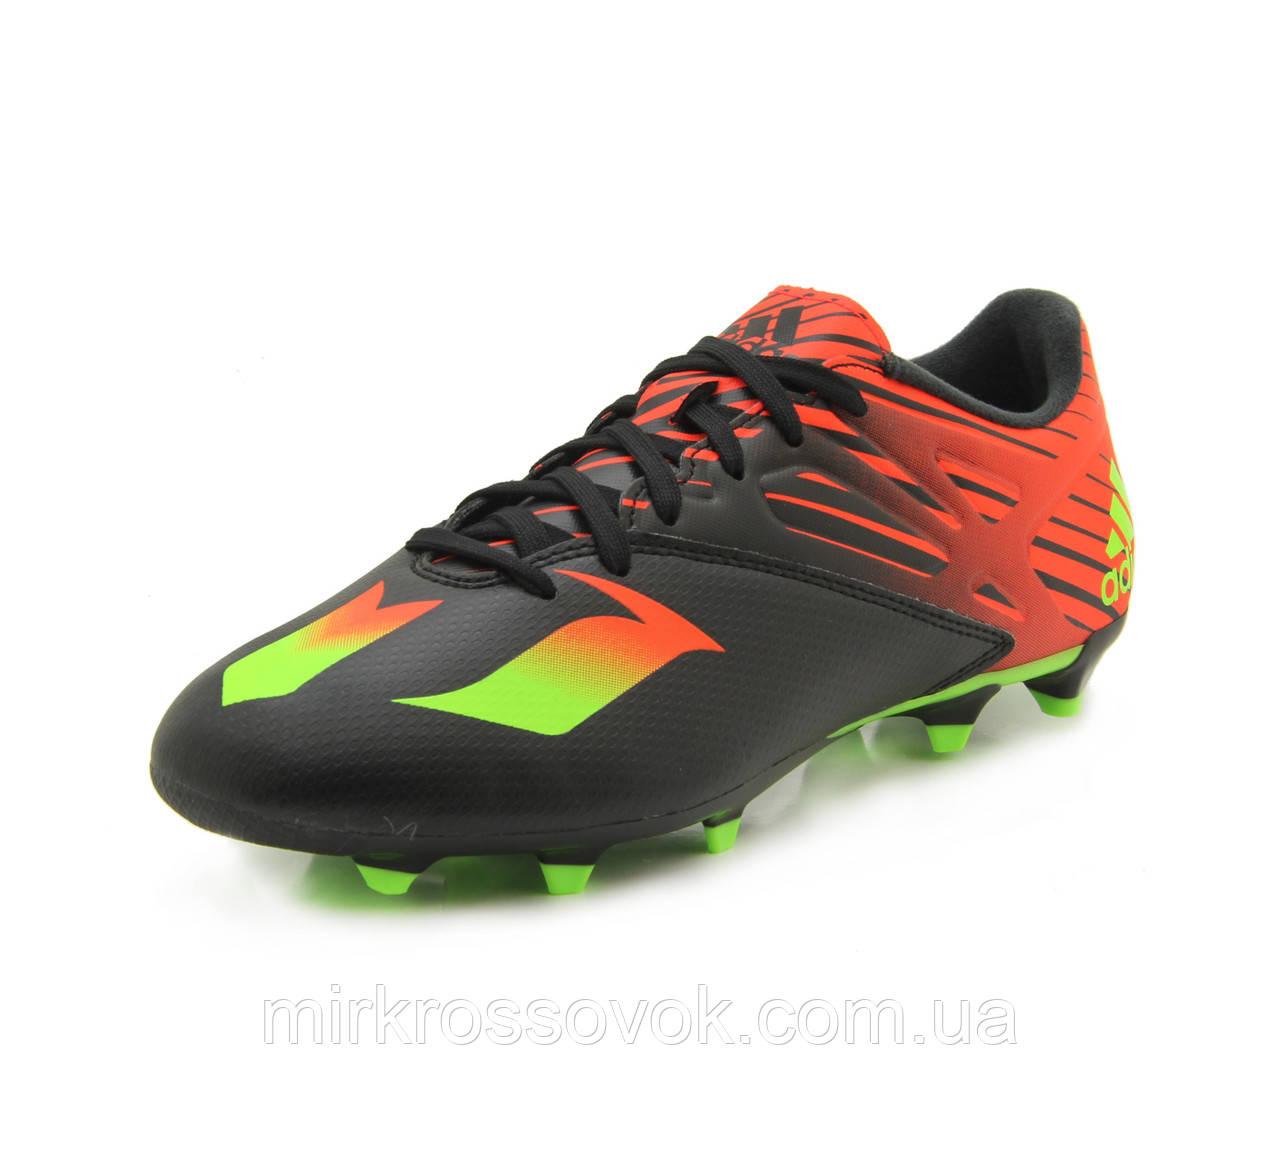 f3af408f Футбольные бутсы Adidas Messi 15.3 FG/AG AF AF4852 (оригинал), цена ...